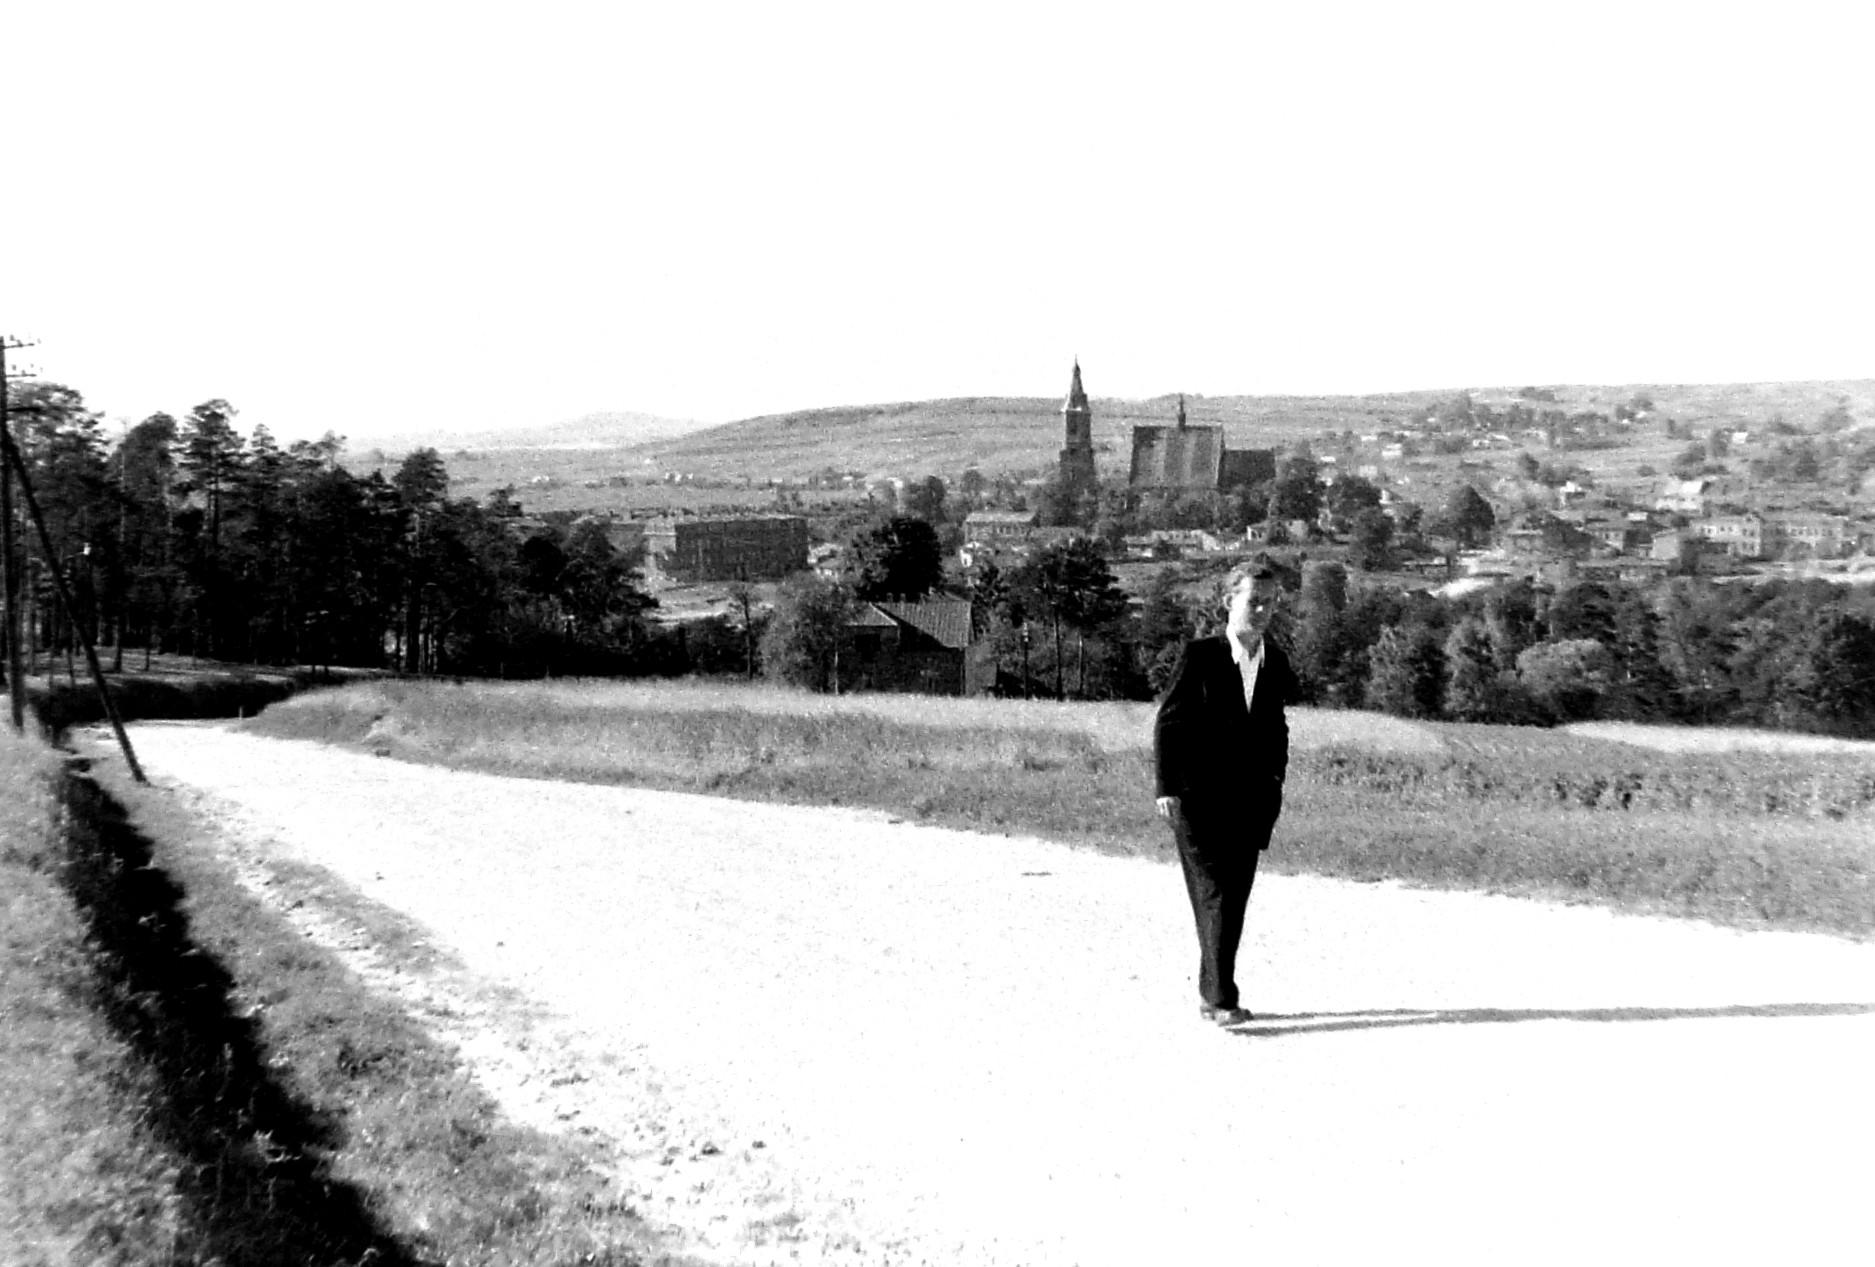 26. Widok miasta z drogi na Trzebinię, rok 1950. Fot. Jan Nosowicz.